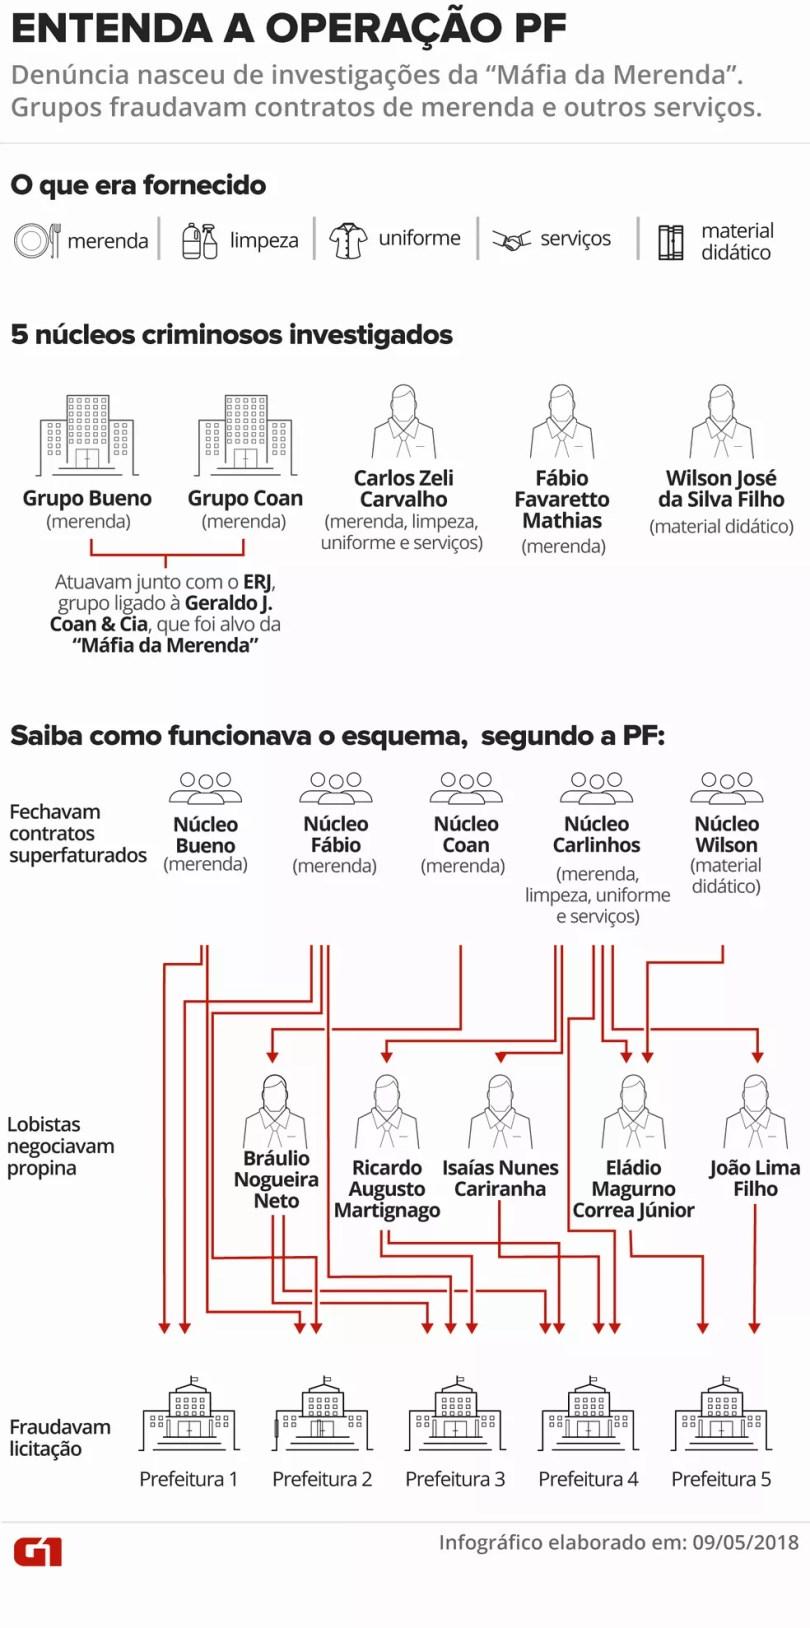 Entenda a Operação Prato Feito, que apura desvios em prefeituras  (Infográfico: Juliane Monteiro/G1